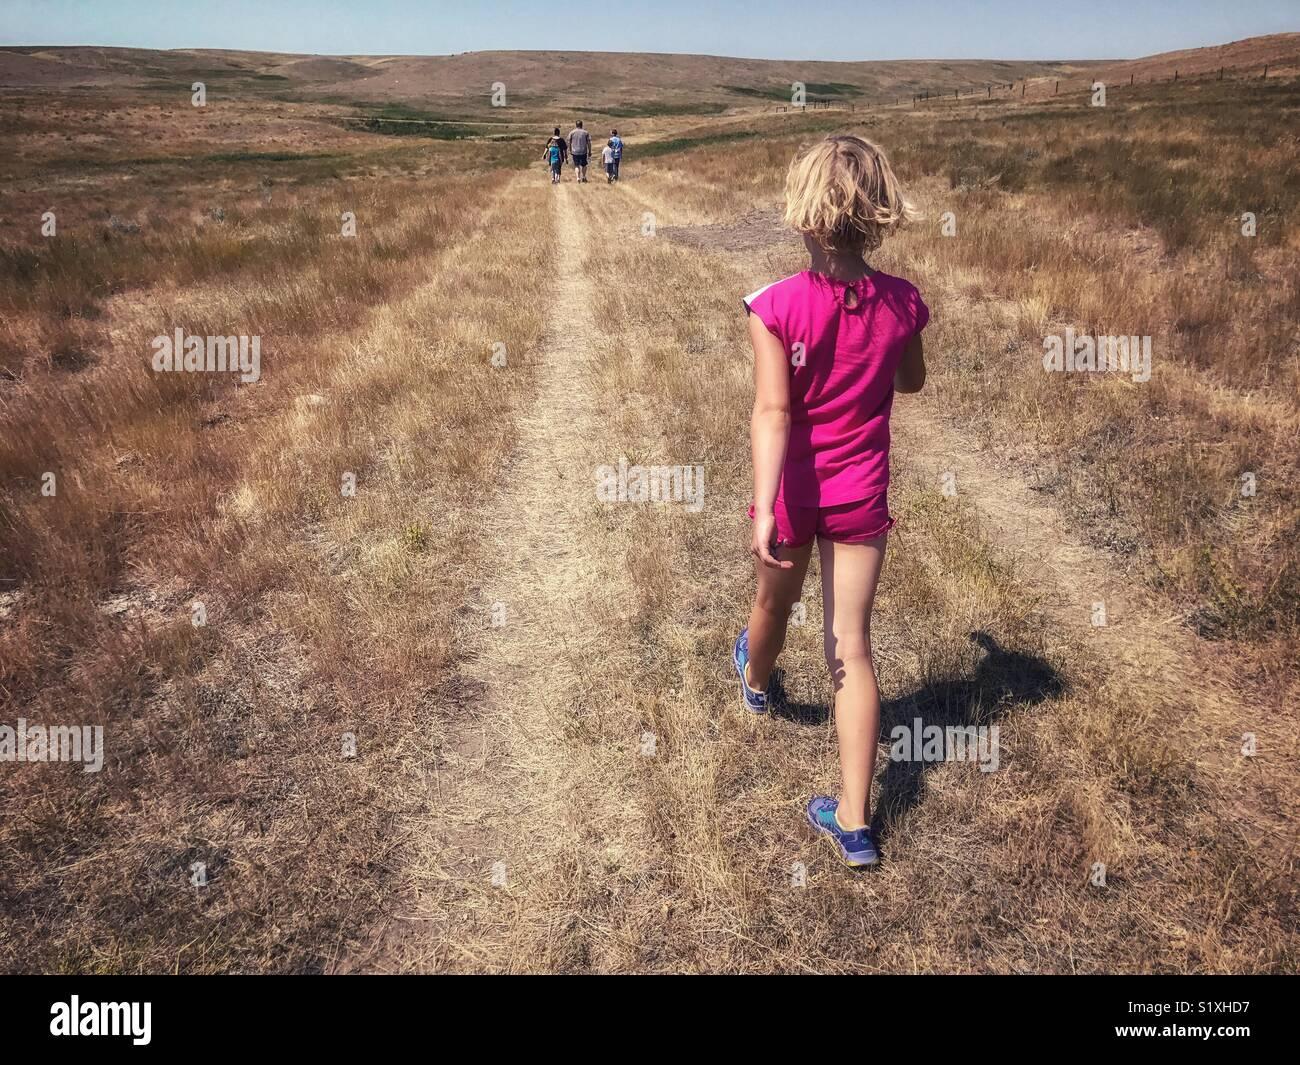 Des randonnées d'une fille par l'vivement prairies du sud de la Saskatchewan, Canada, jusqu'à Photo Stock